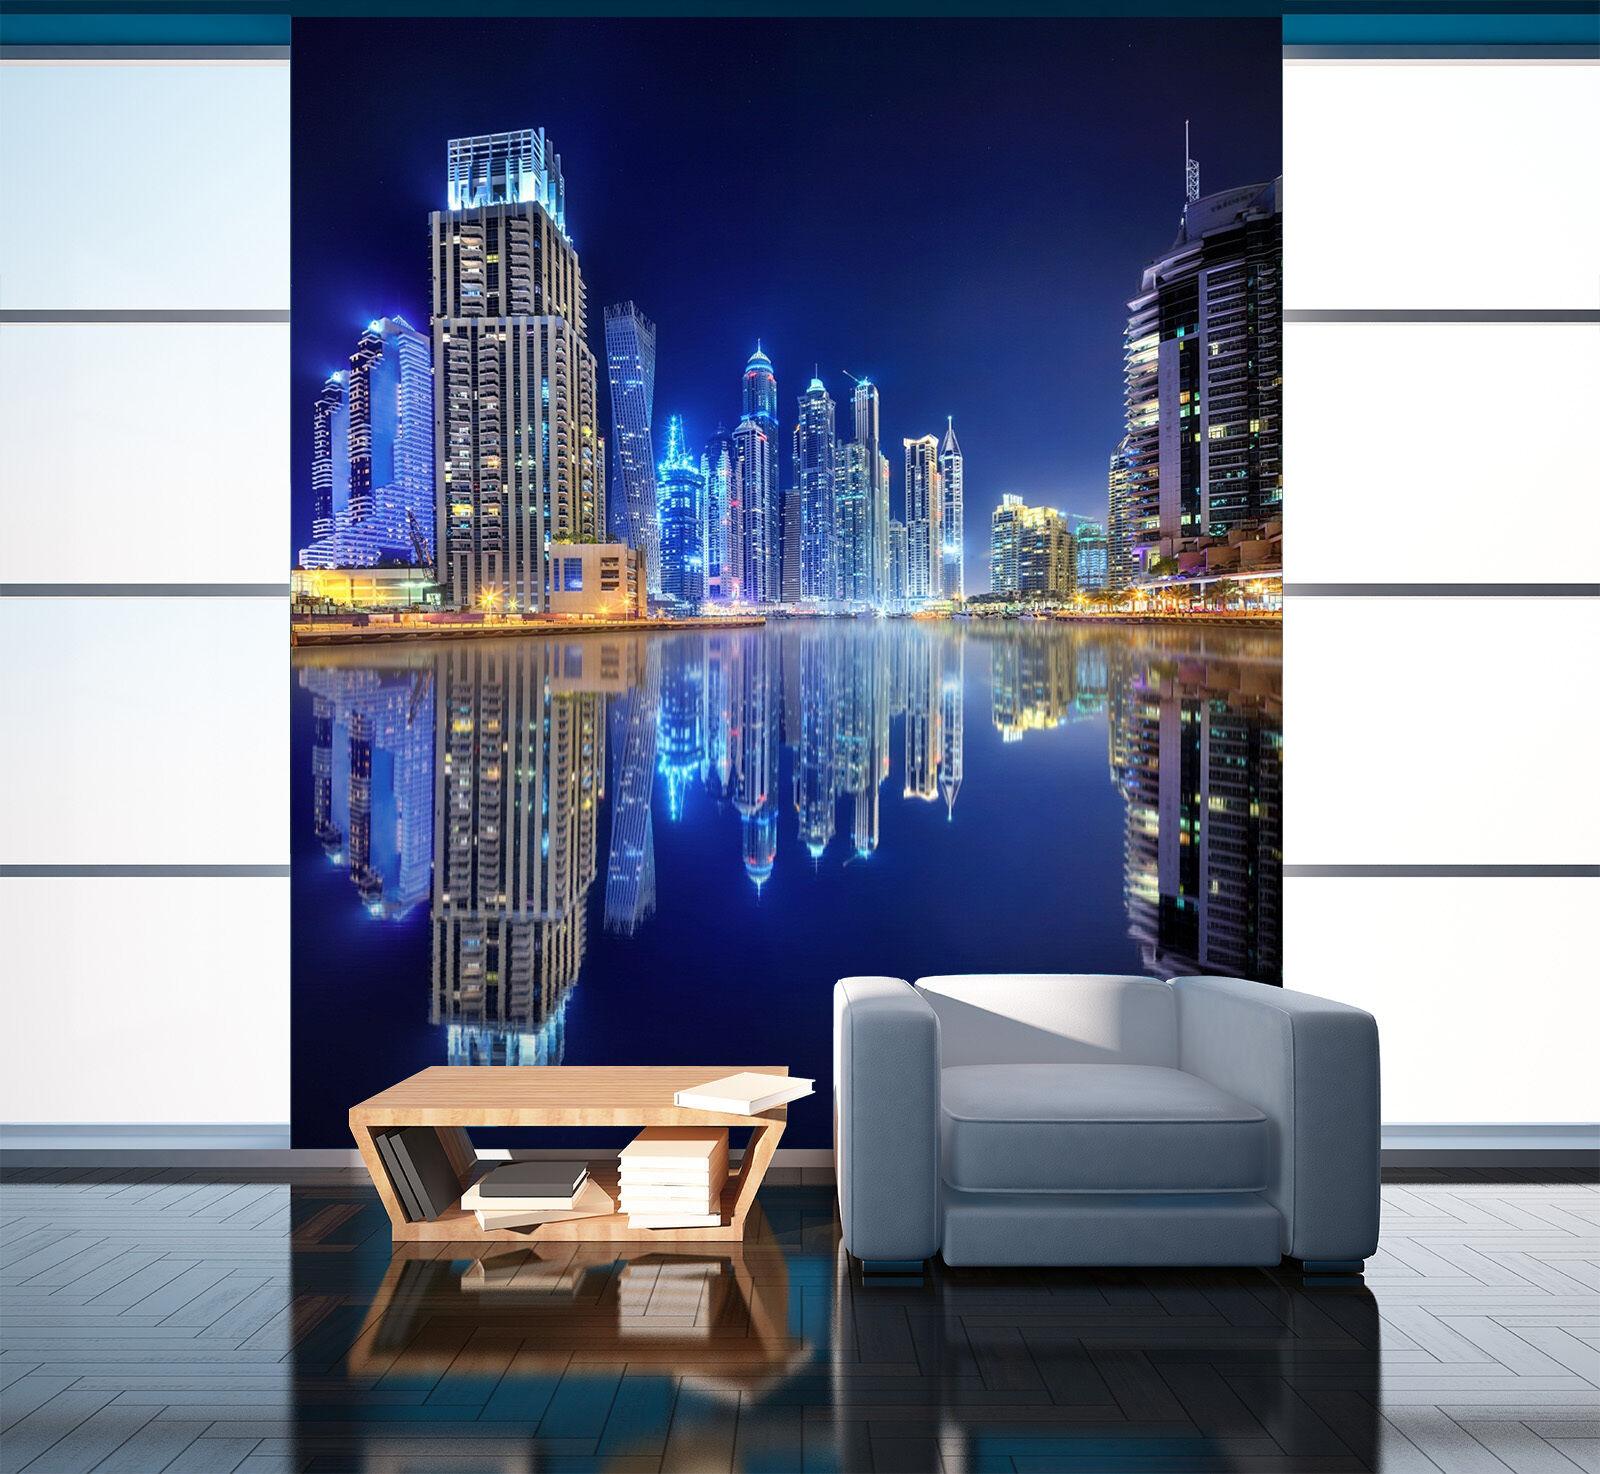 3D Fiume Edificio Parete Murale Foto Carta da parati immagine sfondo muro stampa